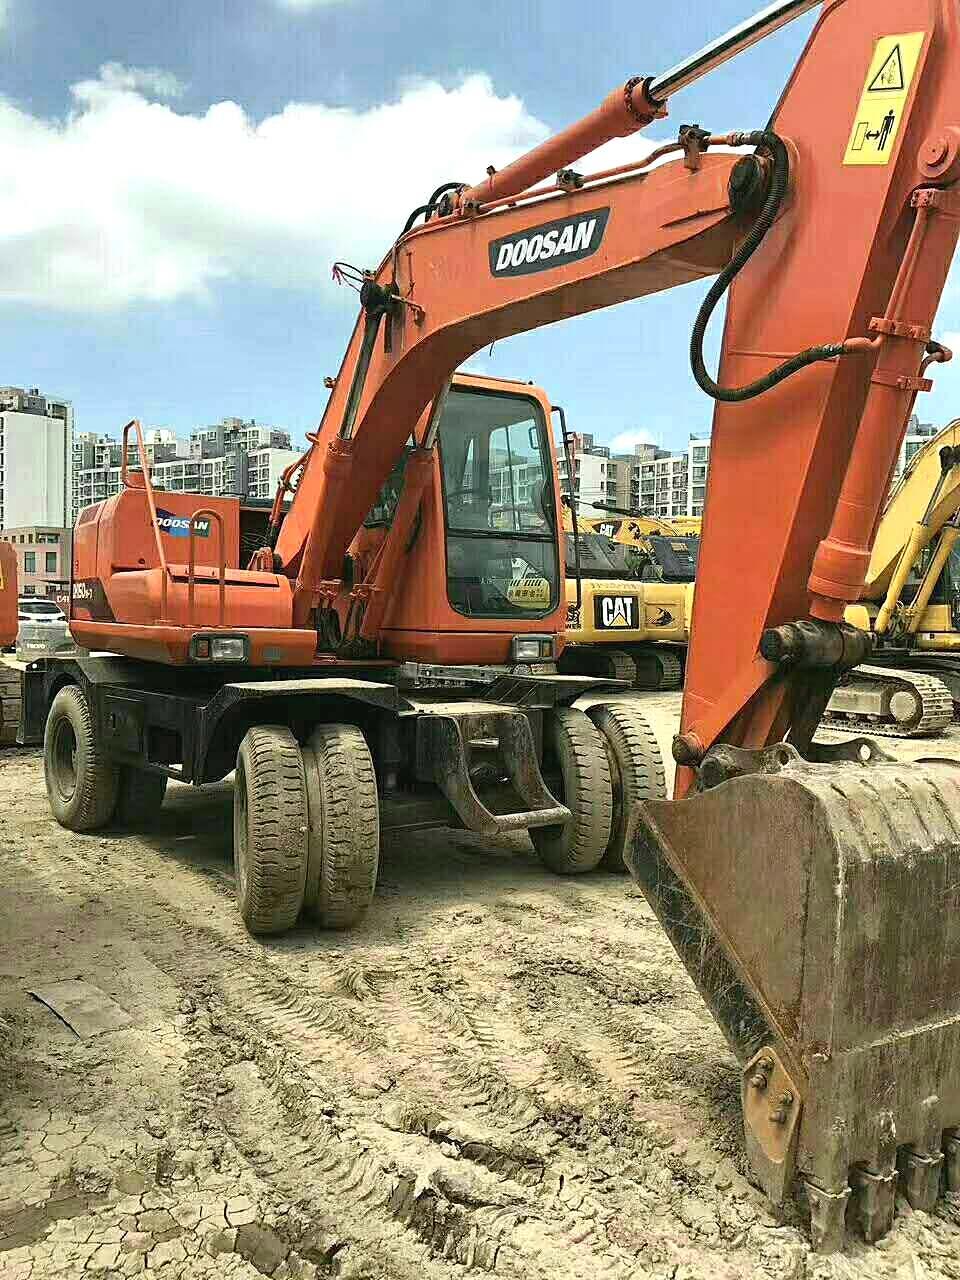 河南信阳市30万元出售斗山通用型通用型DH150W轮式挖掘机